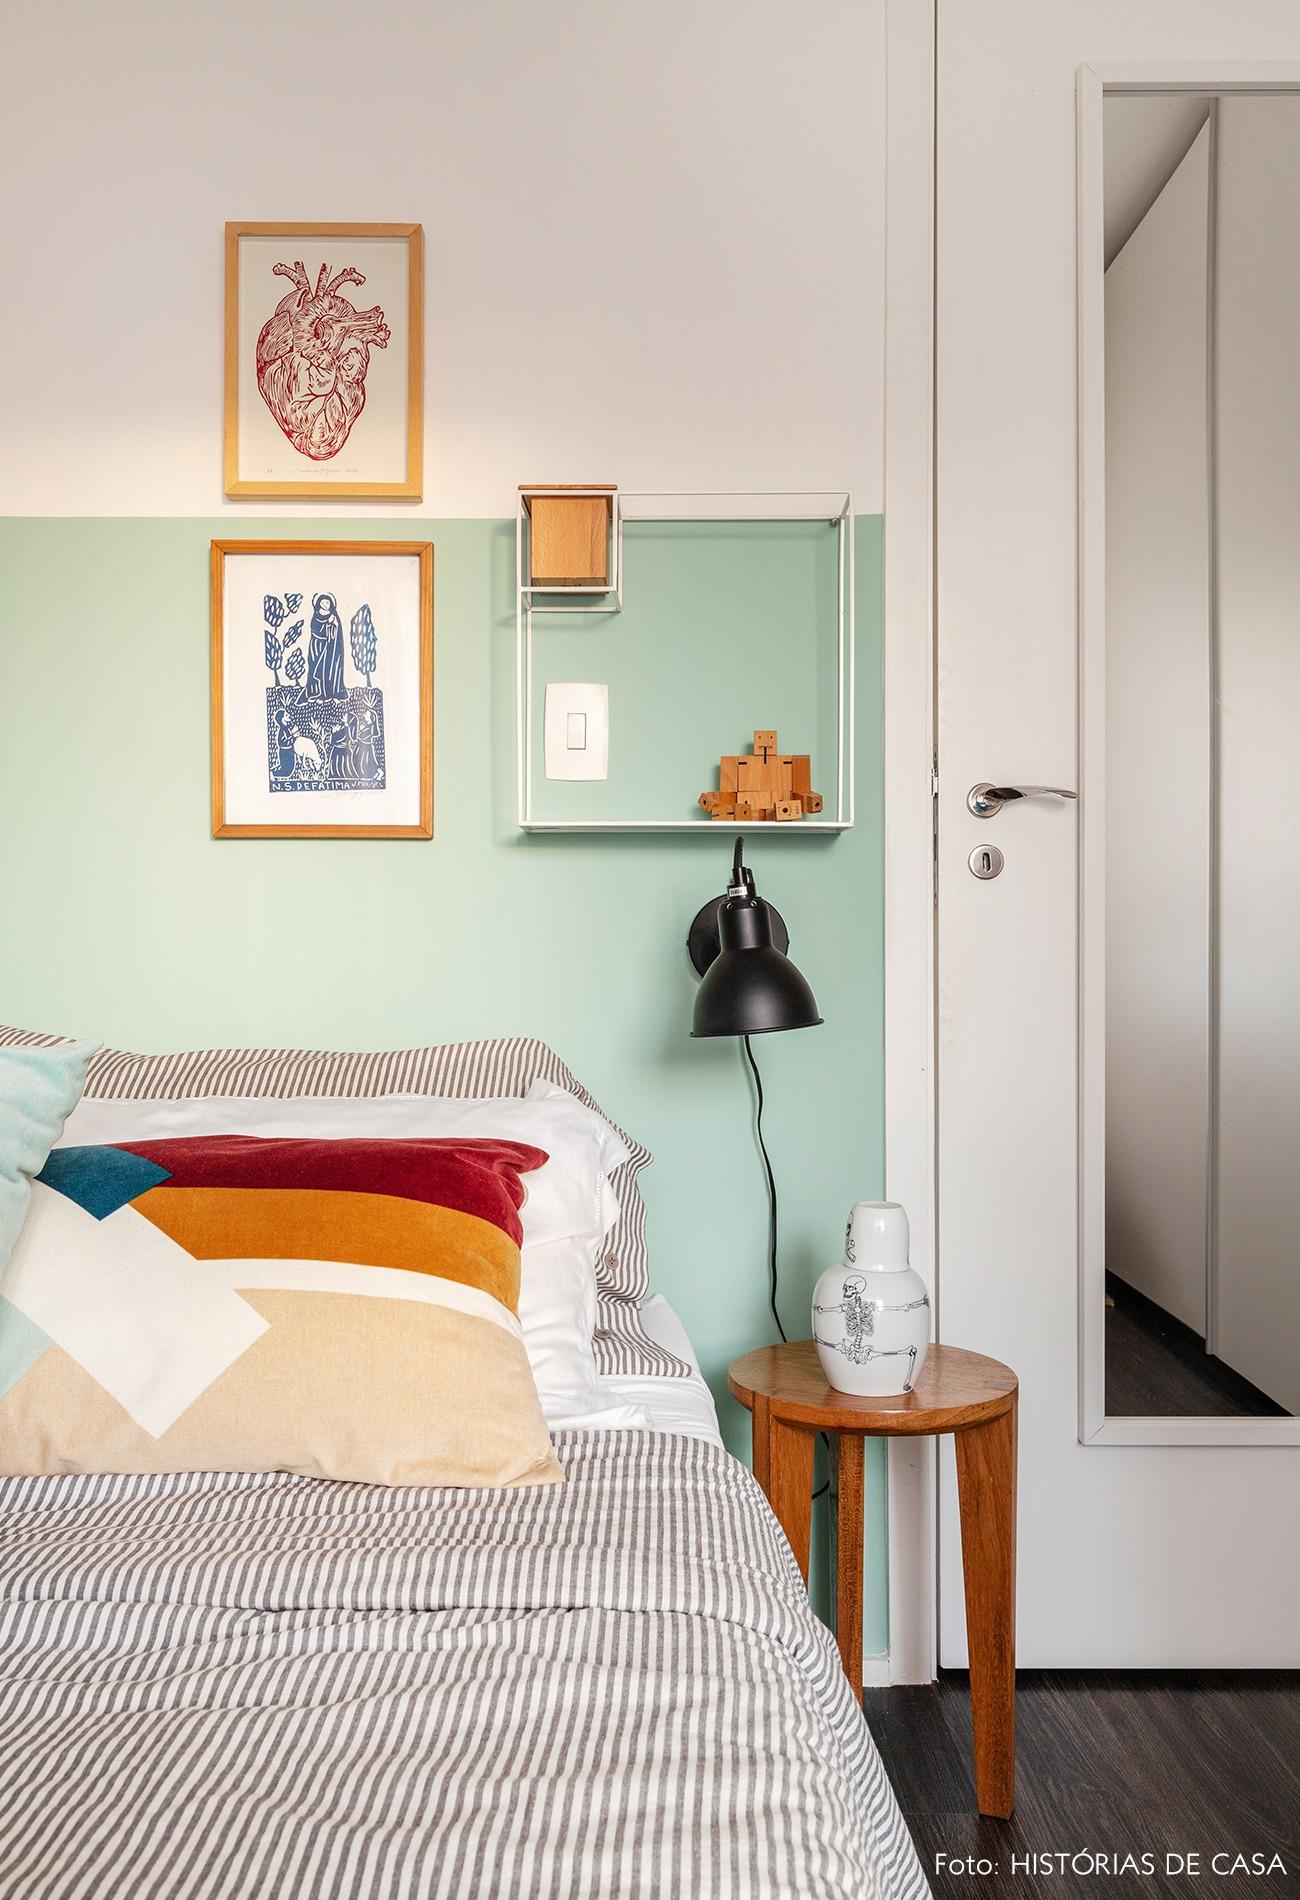 Quarto com parede verde e cama com lençol listrado e almofadas coloridas